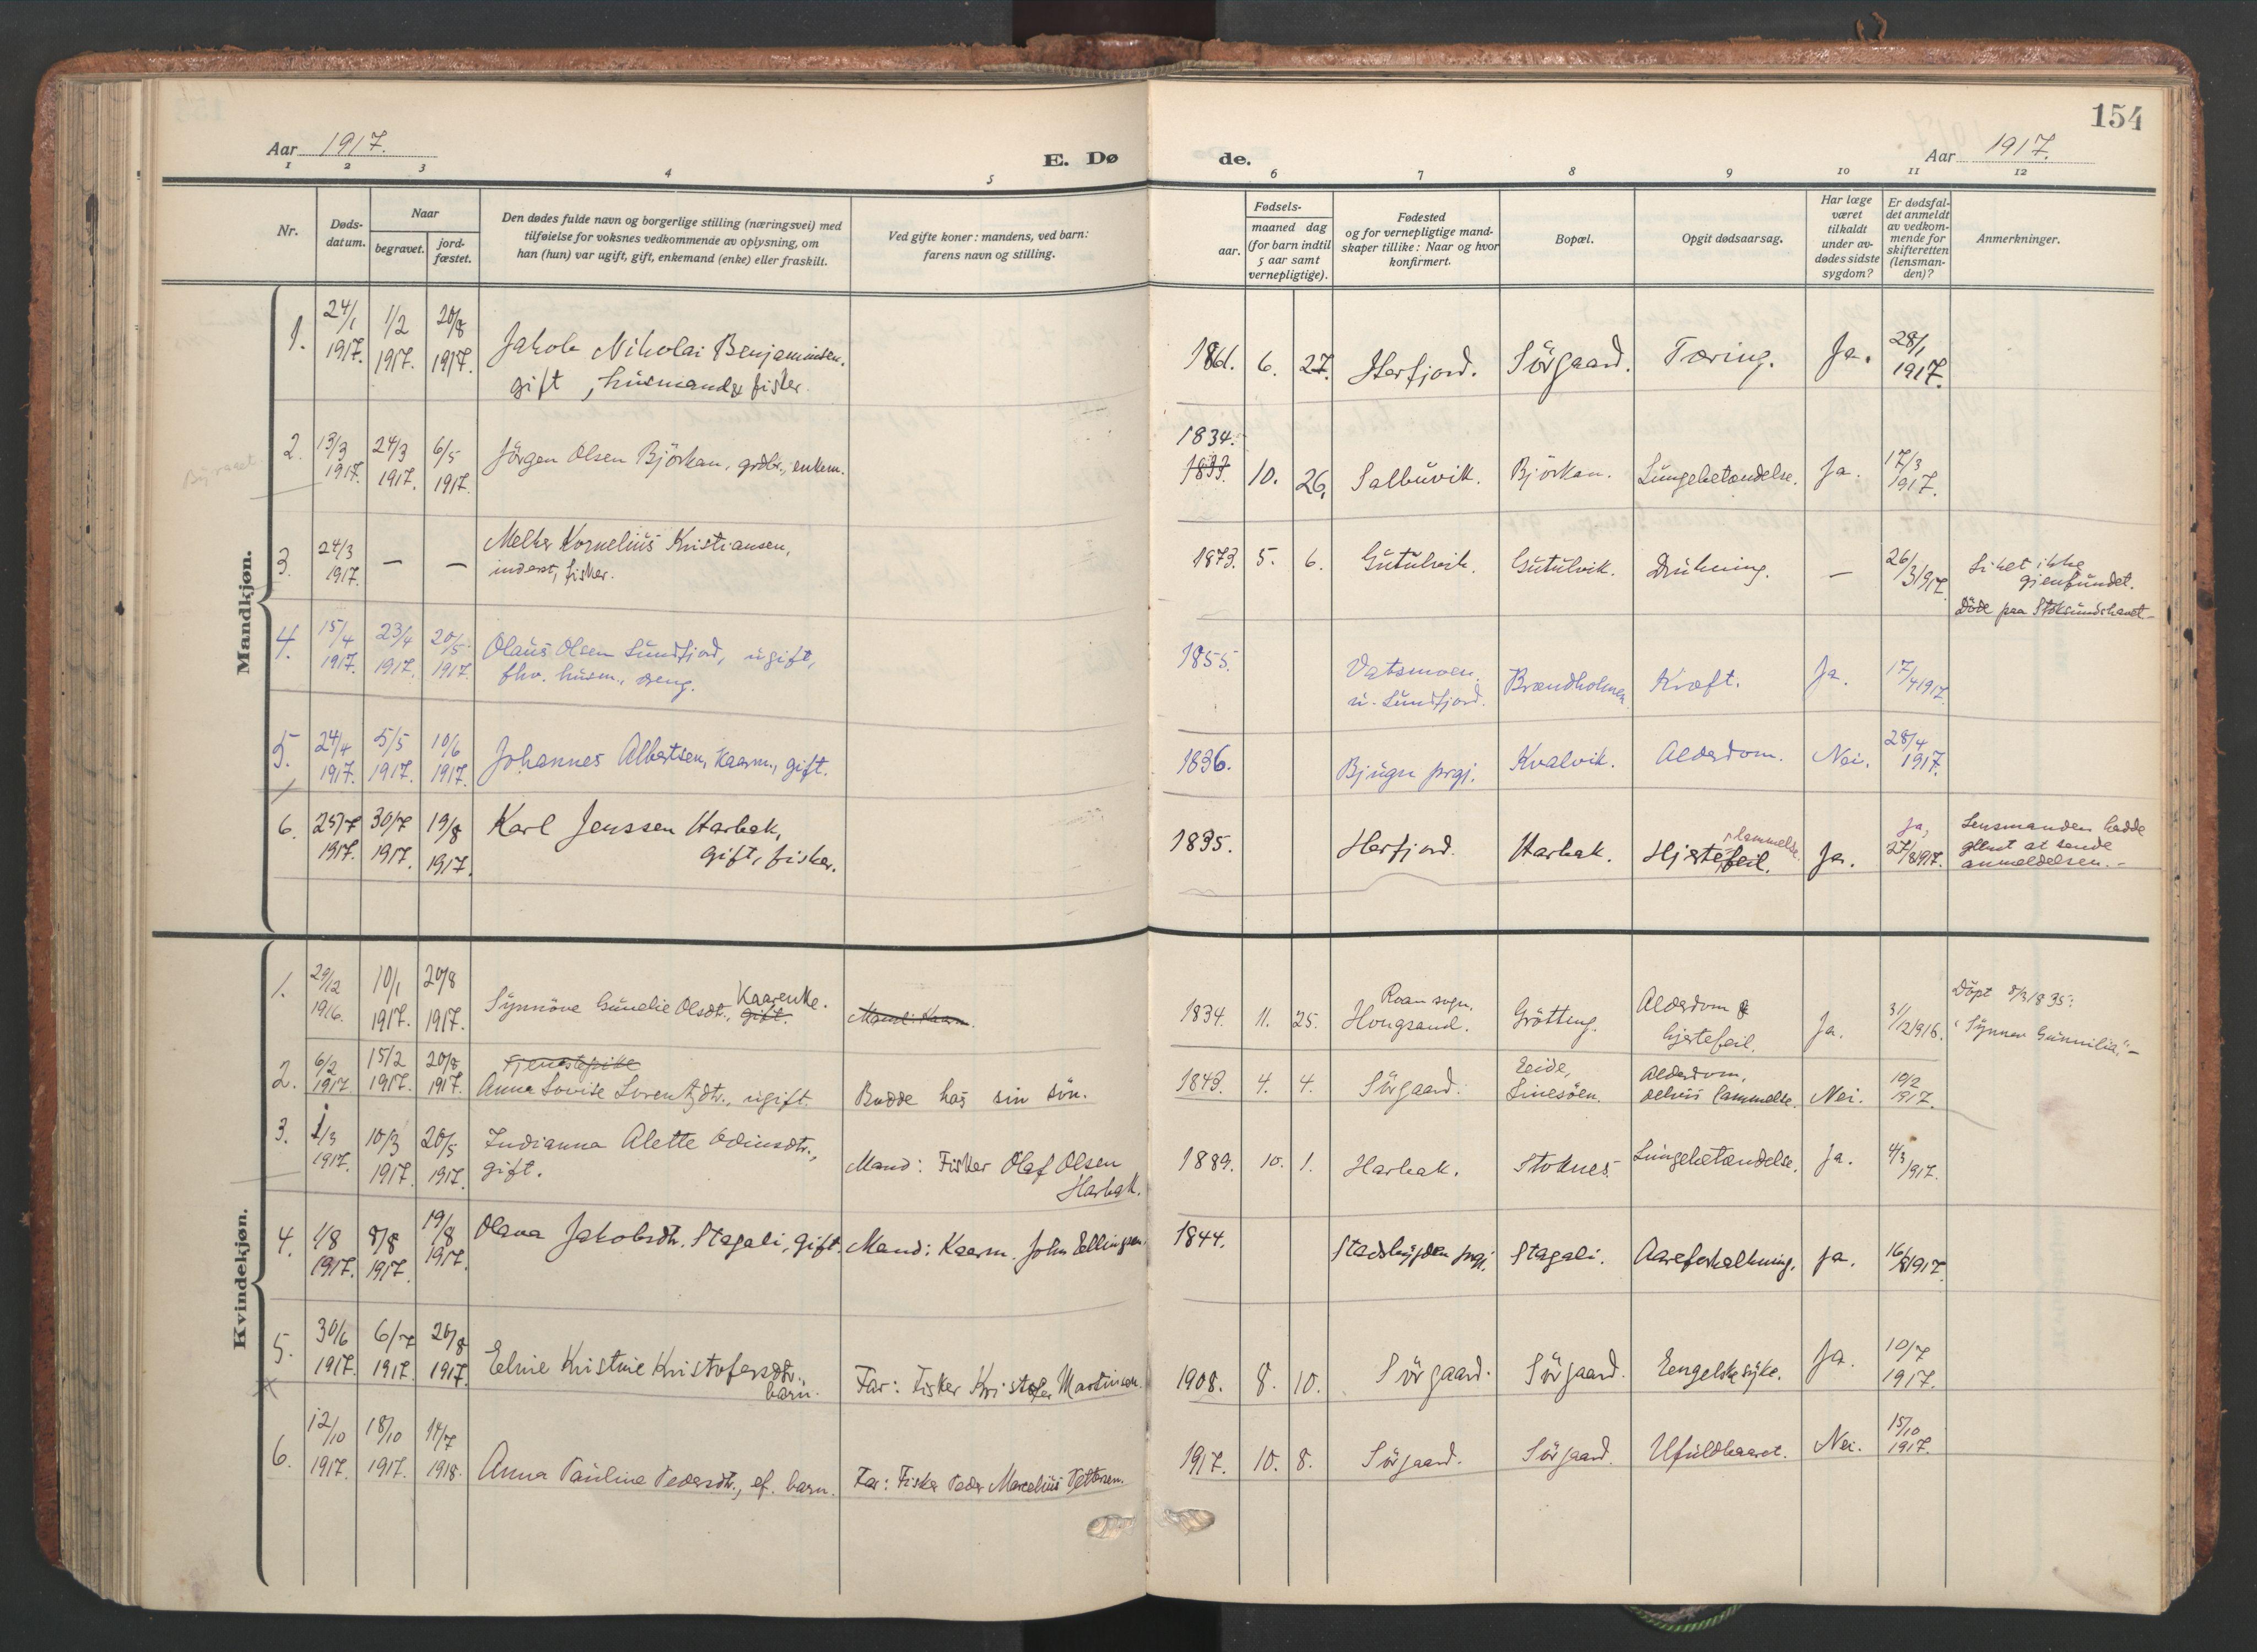 SAT, Ministerialprotokoller, klokkerbøker og fødselsregistre - Sør-Trøndelag, 656/L0694: Ministerialbok nr. 656A03, 1914-1931, s. 154